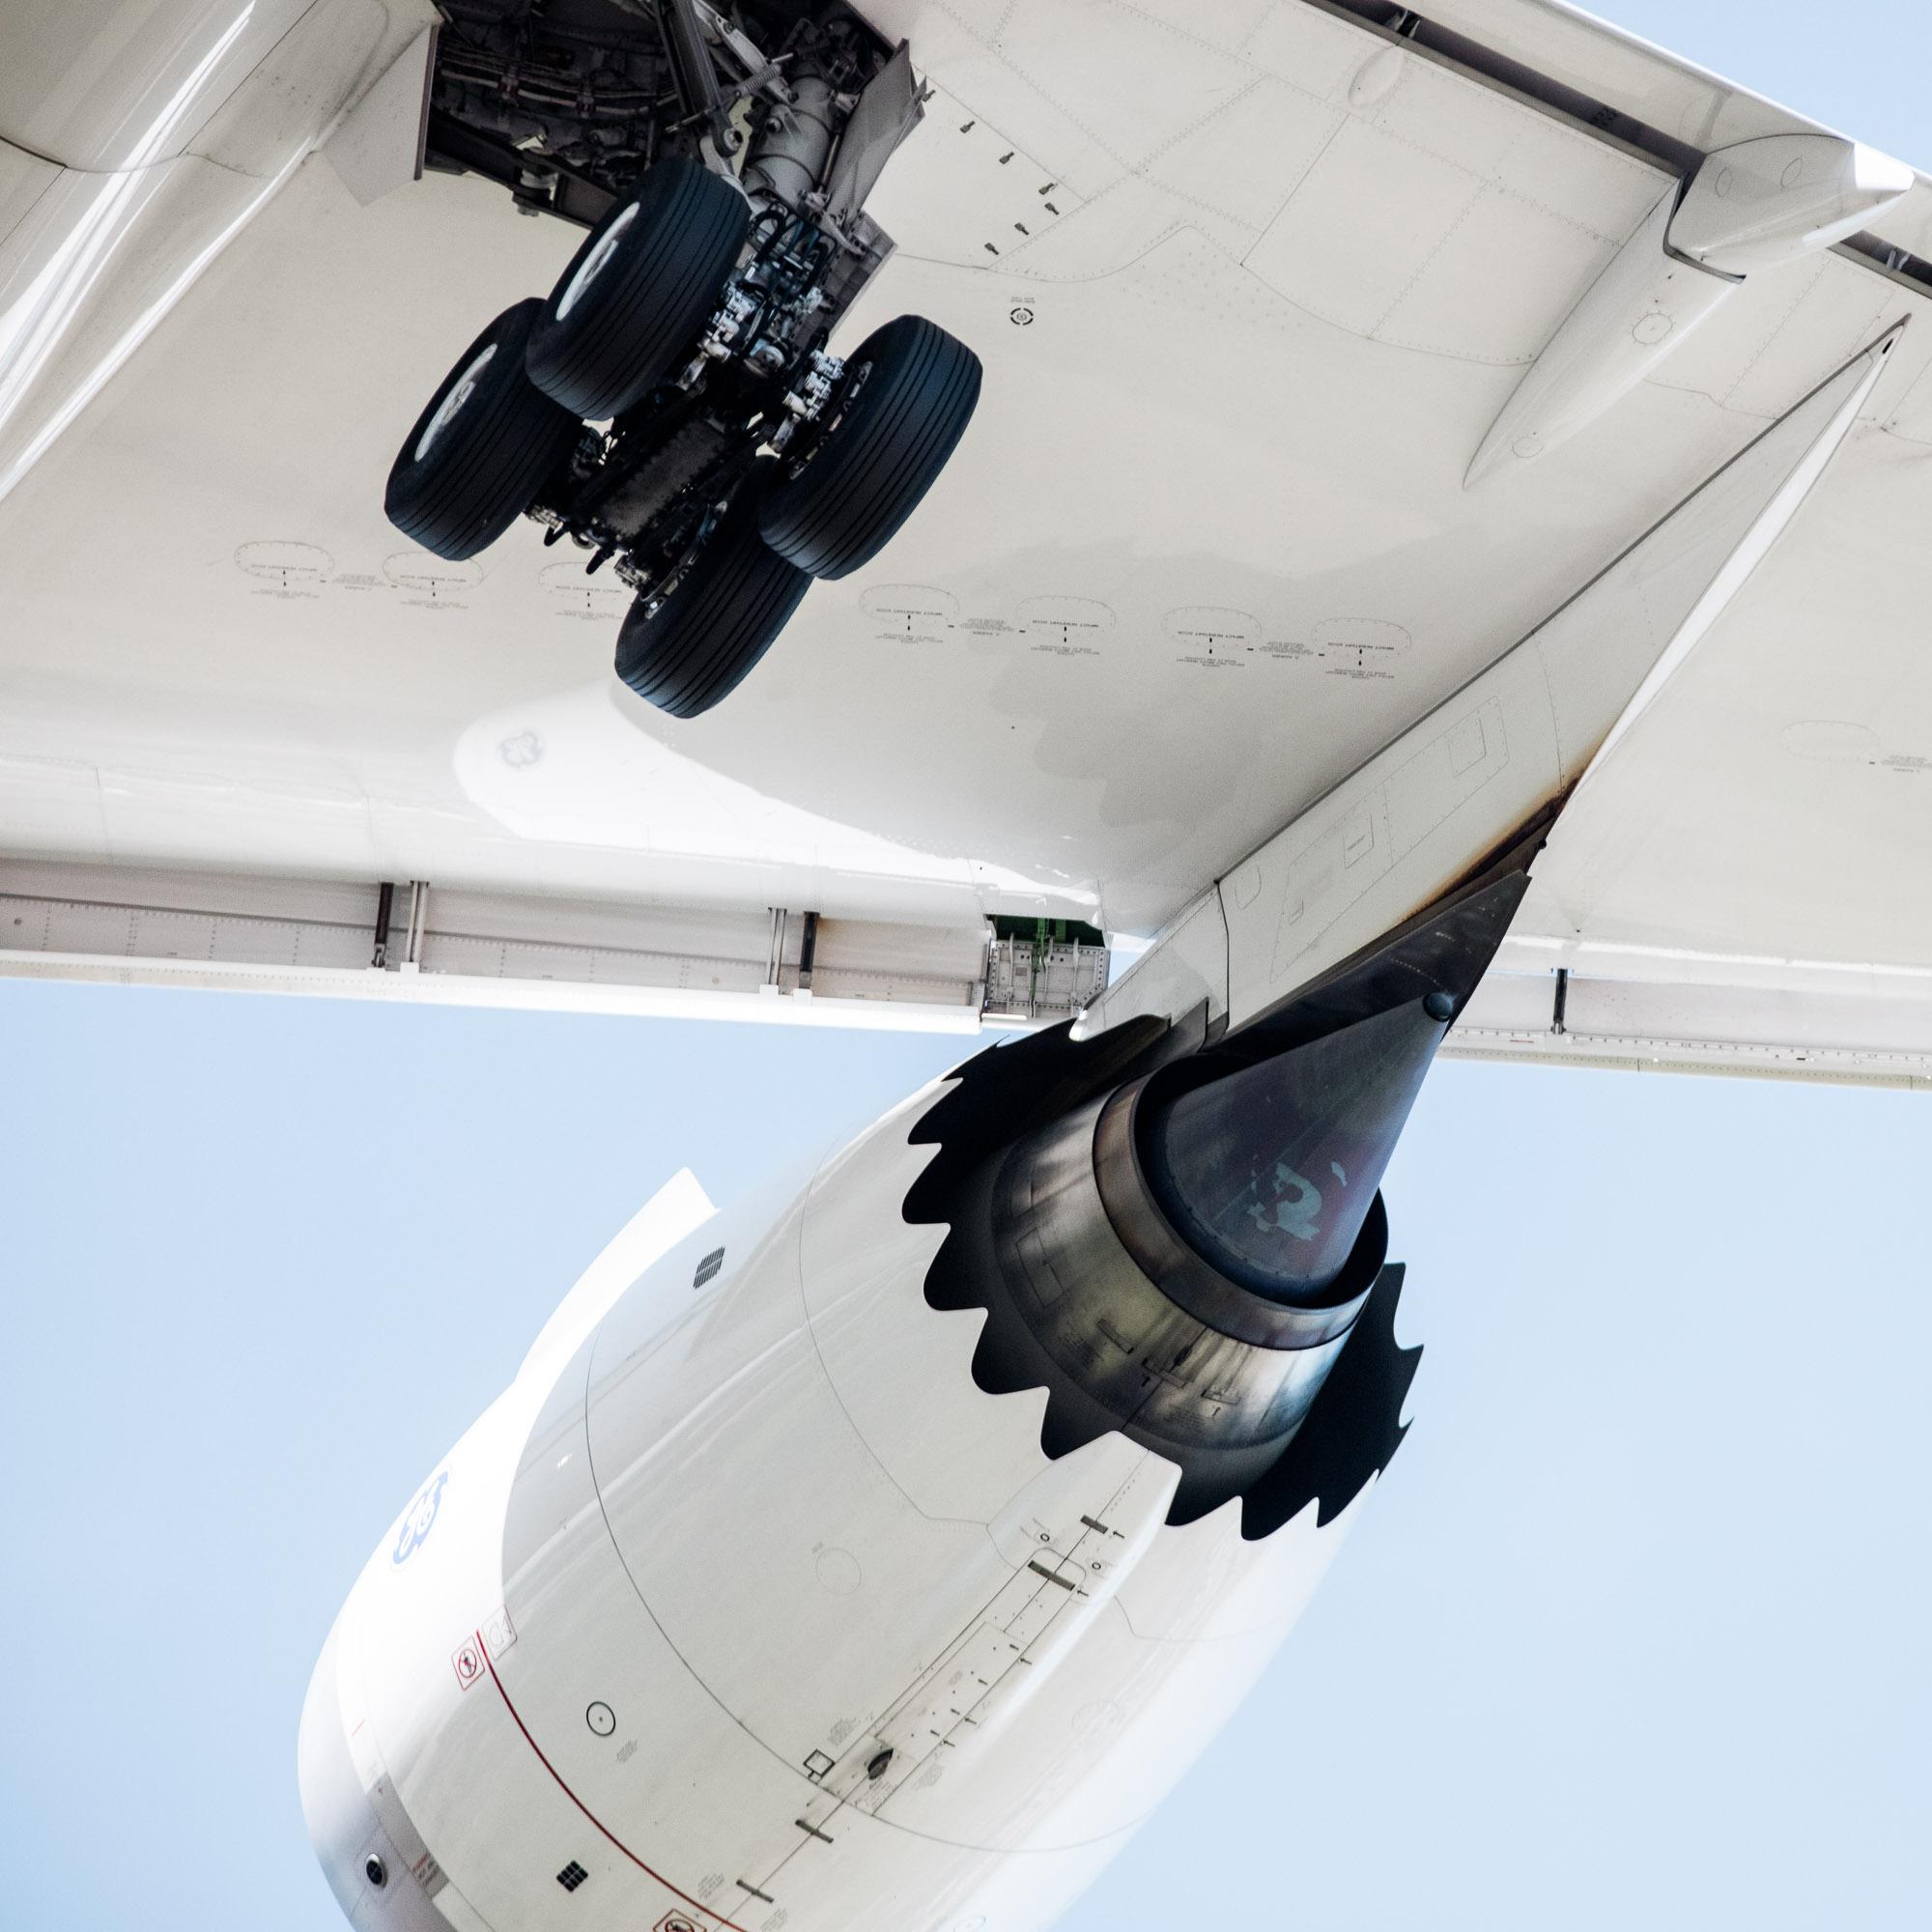 mike-kelley-final-approach-aviation-14.jpg